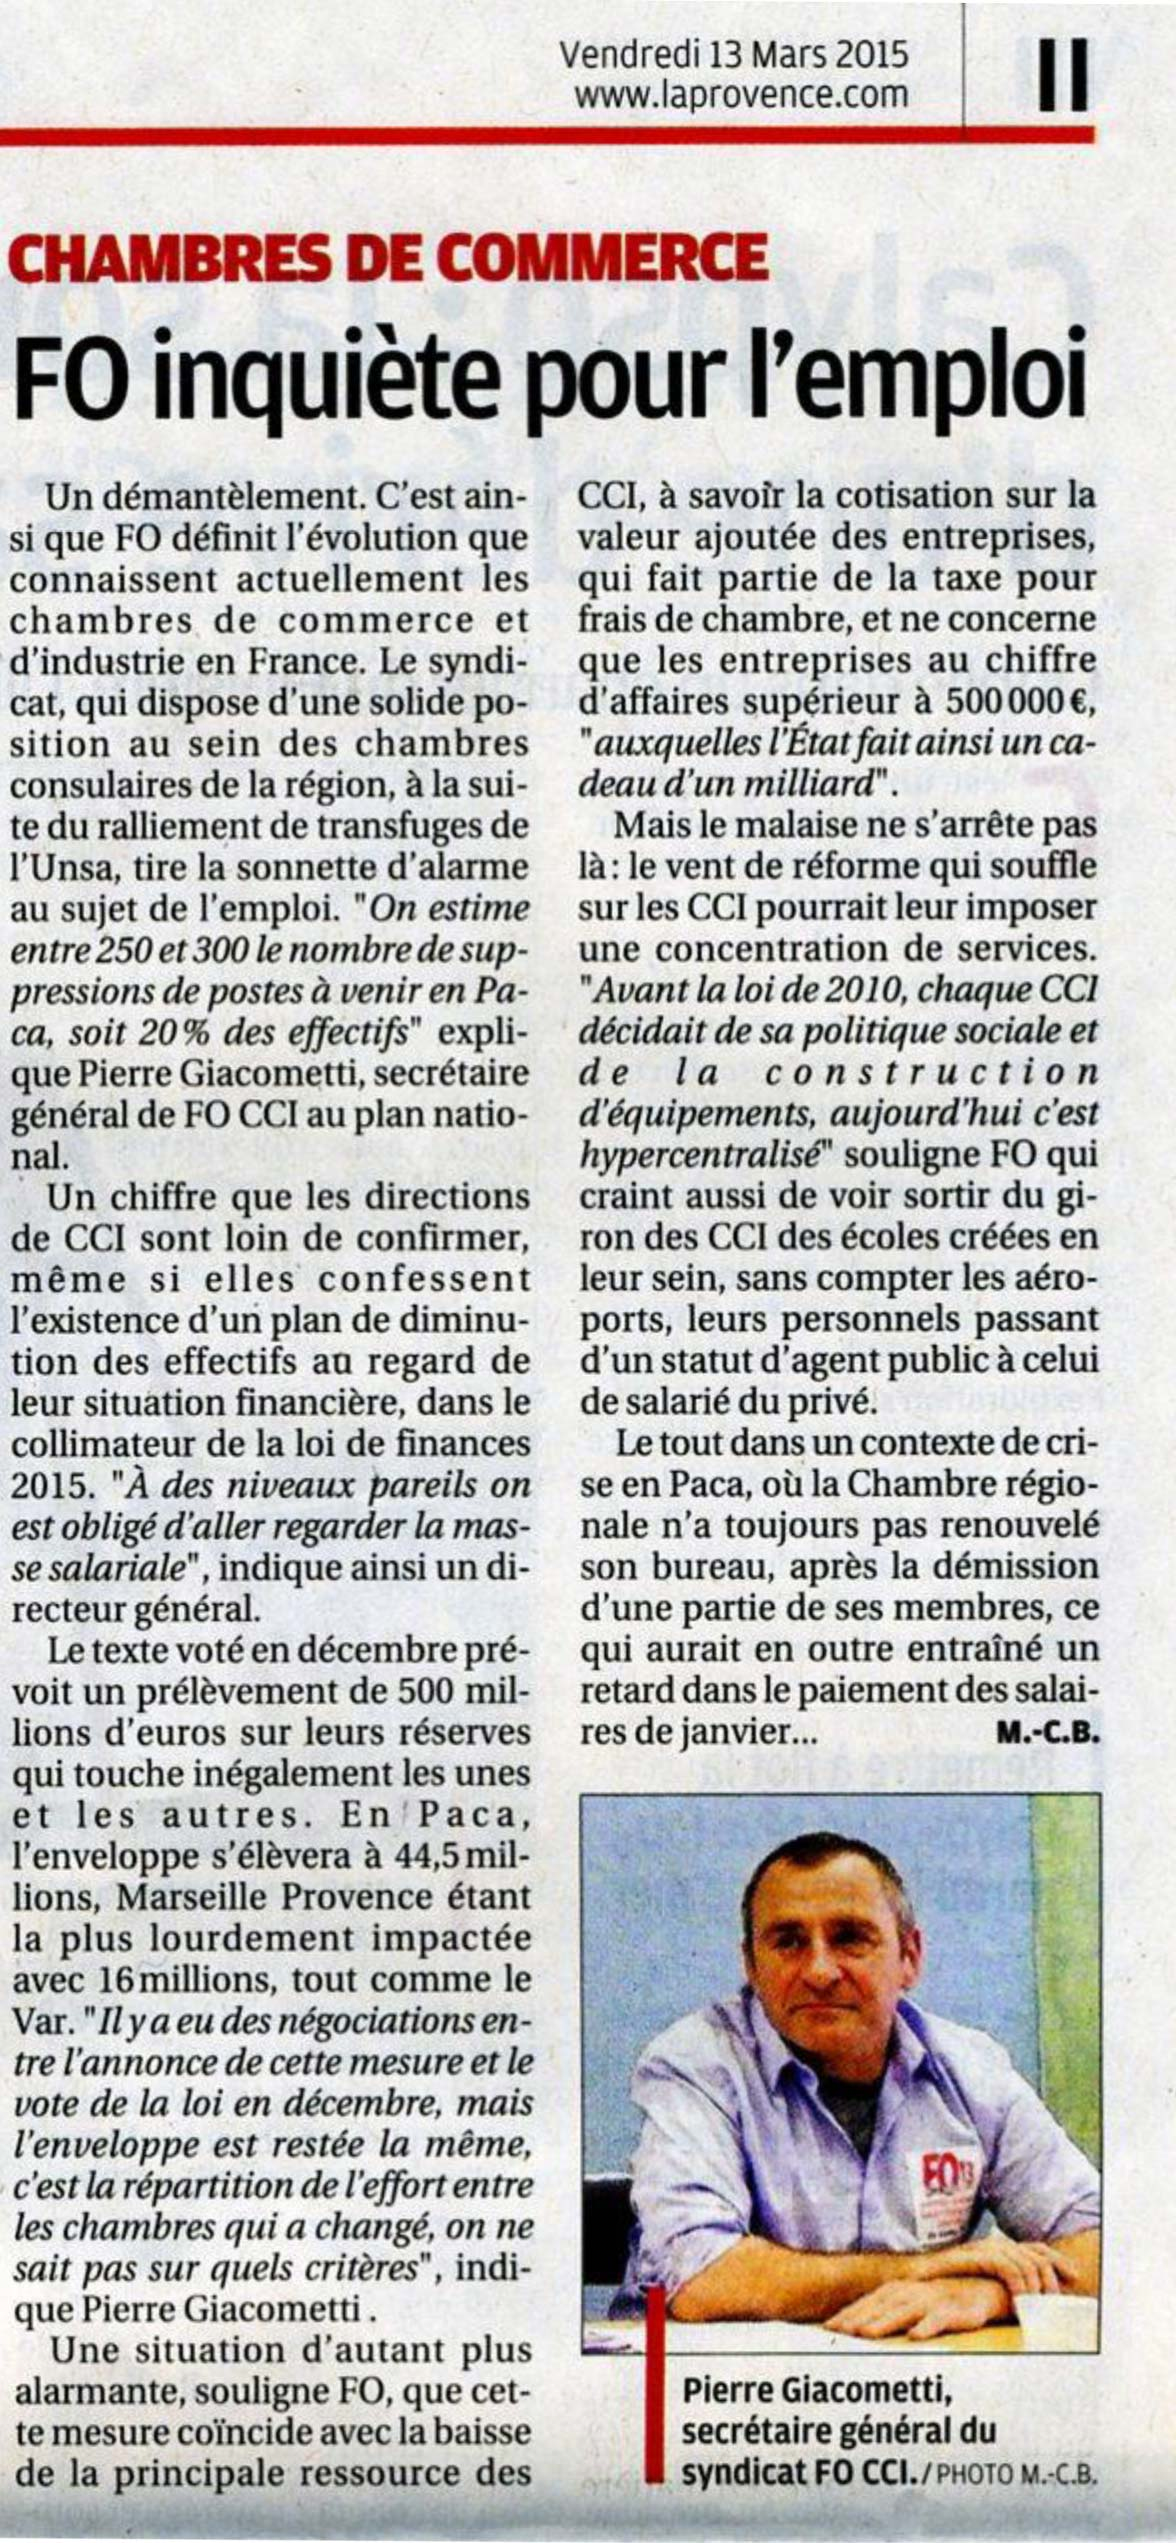 2015-03-13-La-Provence